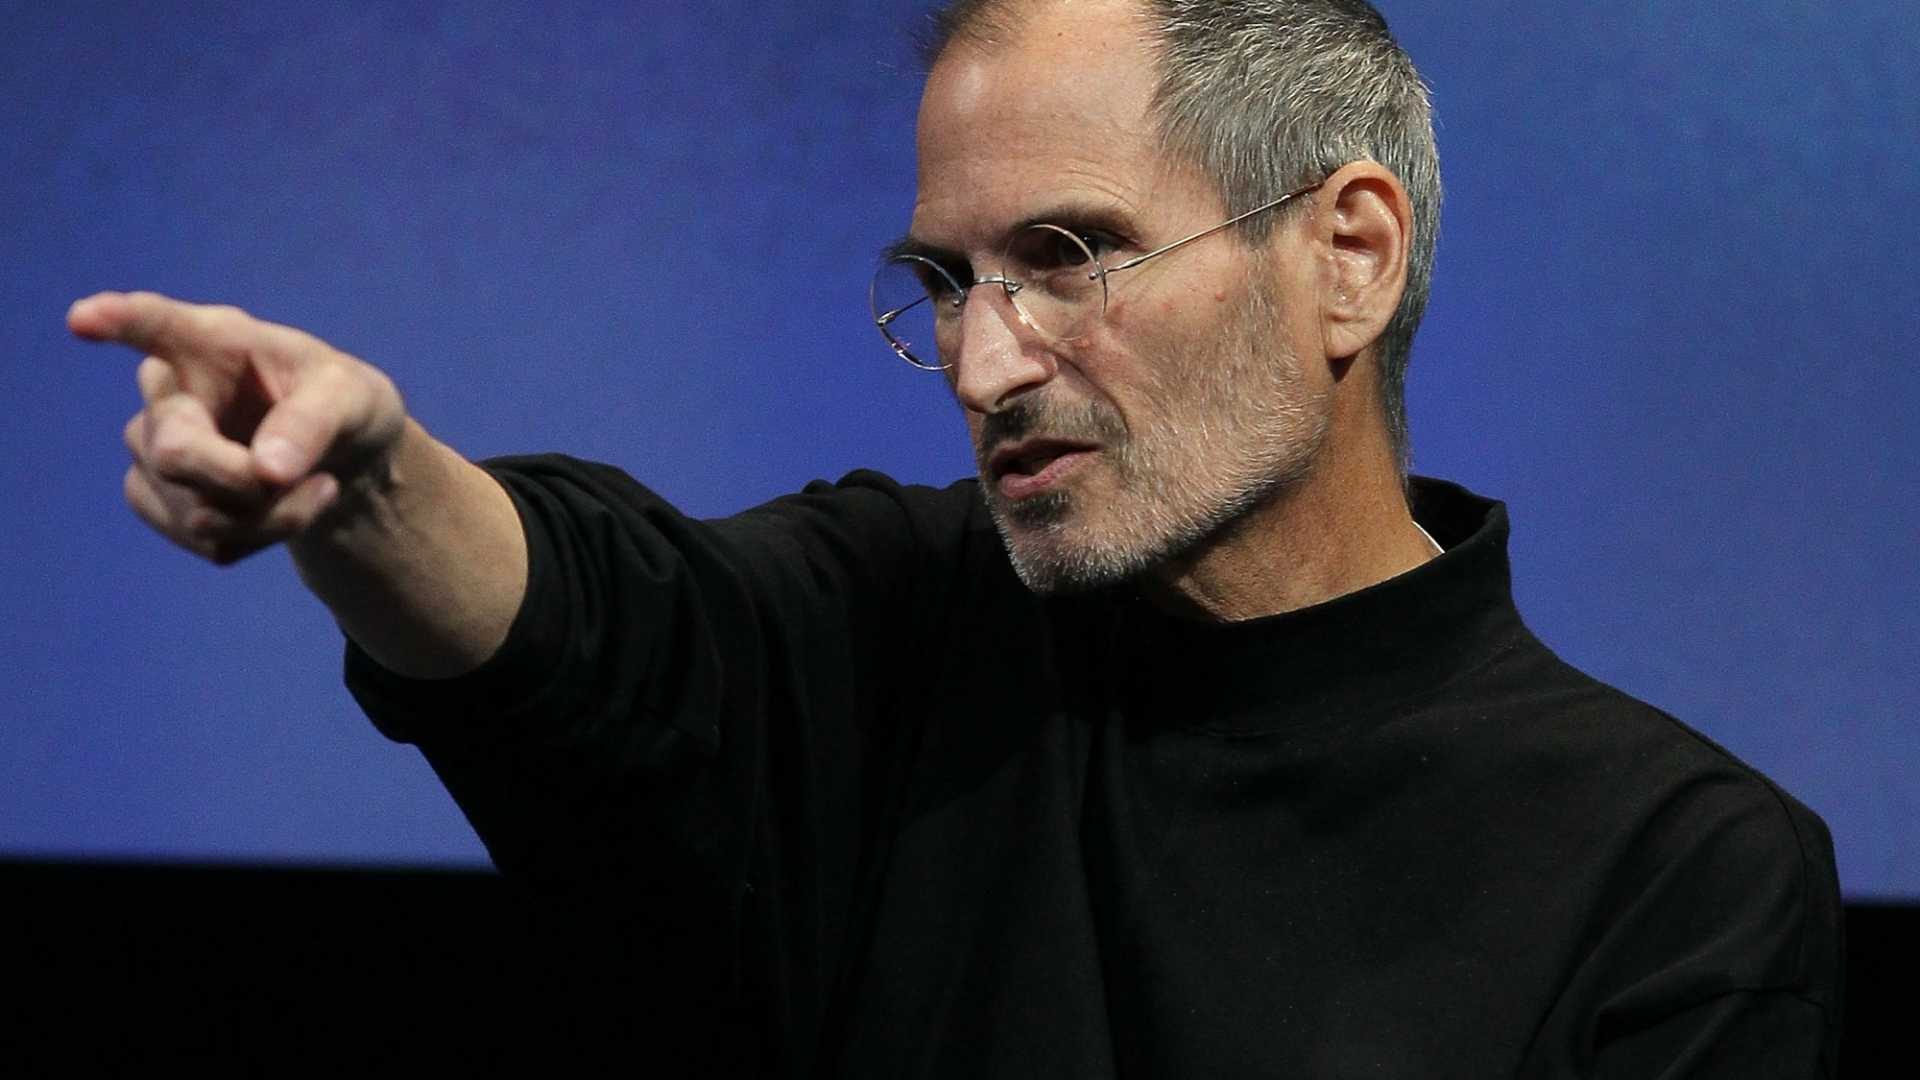 7 Reasons Steve Jobs Should Have Failed as an Entrepreneur